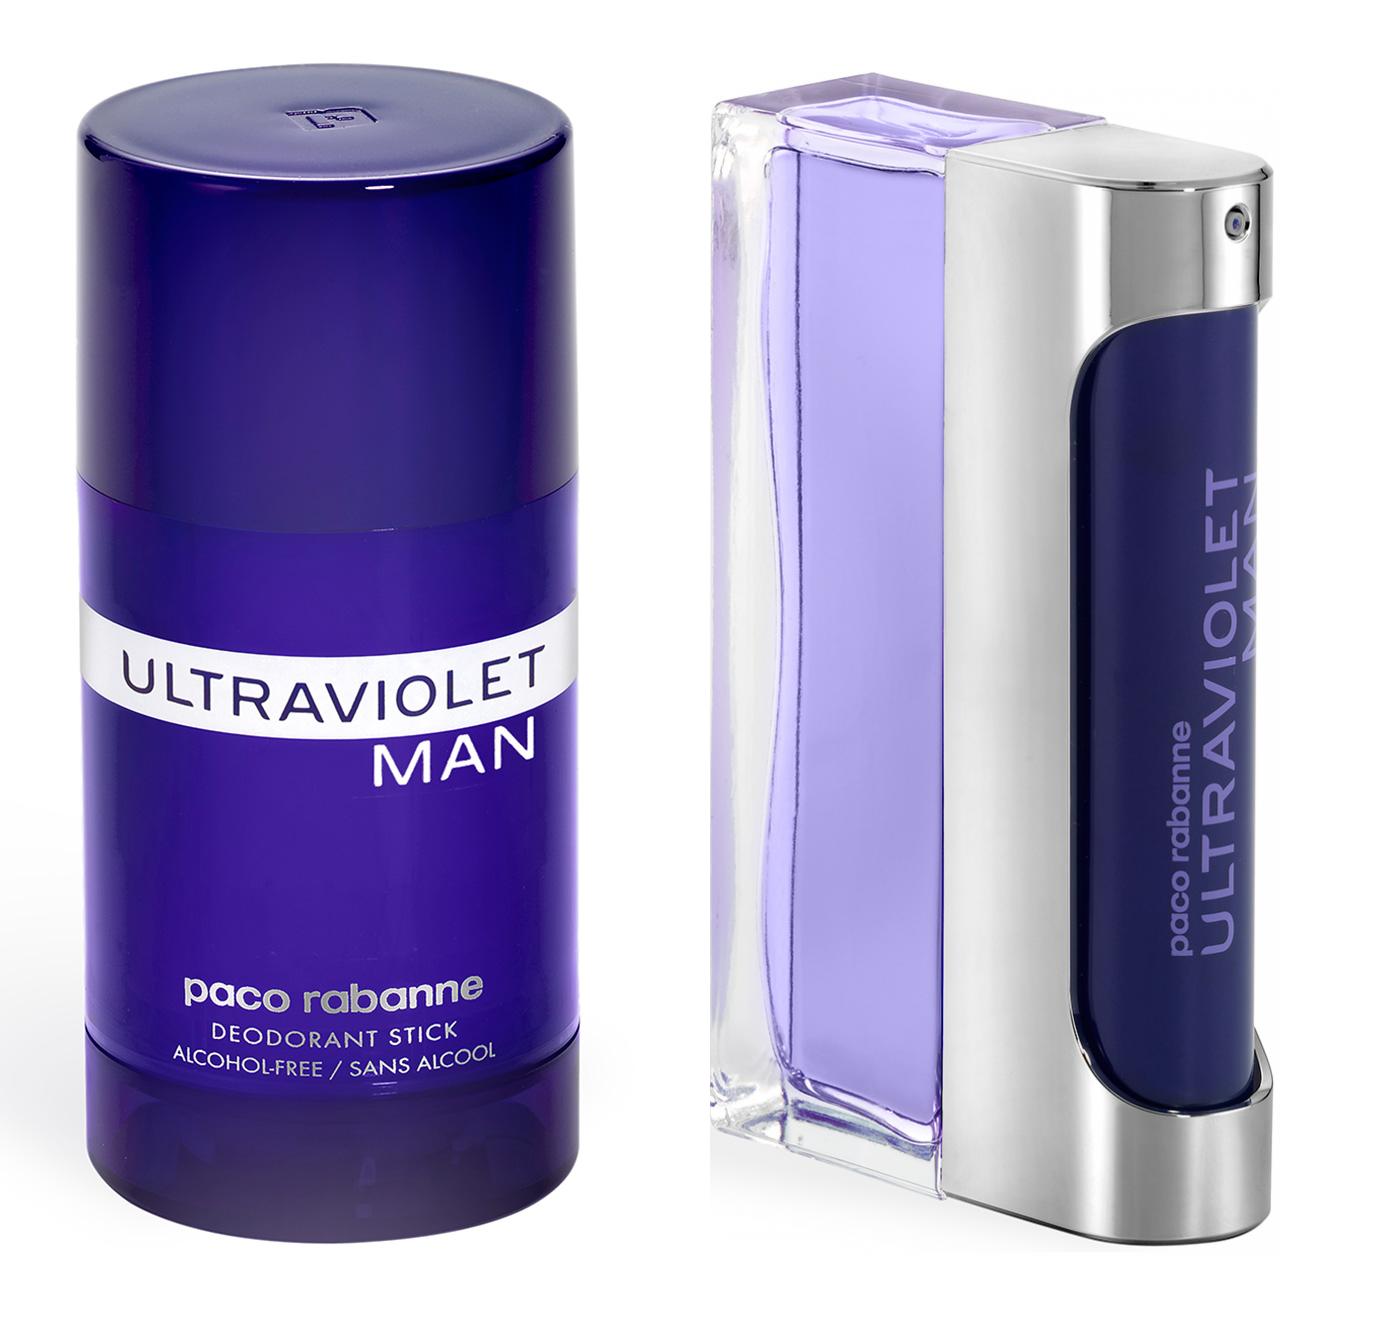 Paco Rabanne Ultraviolet Man EDT 100ml  Deodorant Stick 75ml